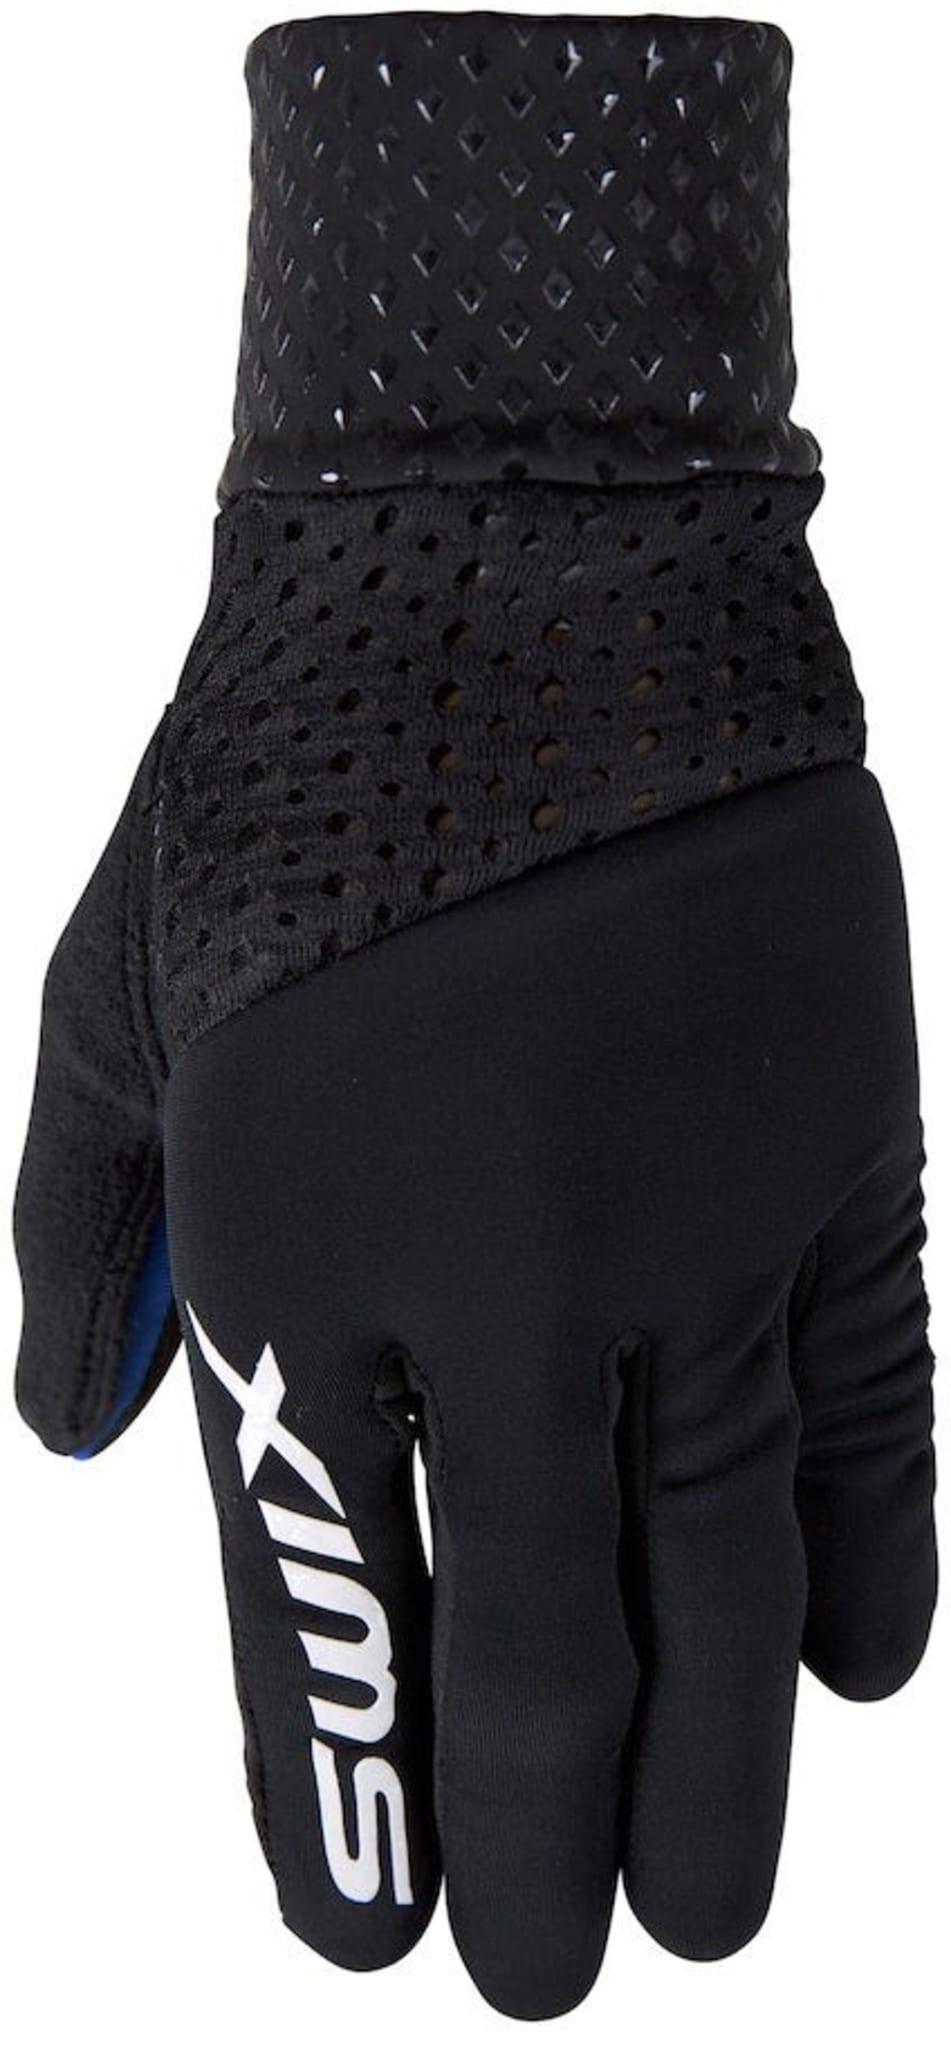 Tynn og lett racinghanske som er optimalisert for å passe til Swix Triac stav og Triac jakke.